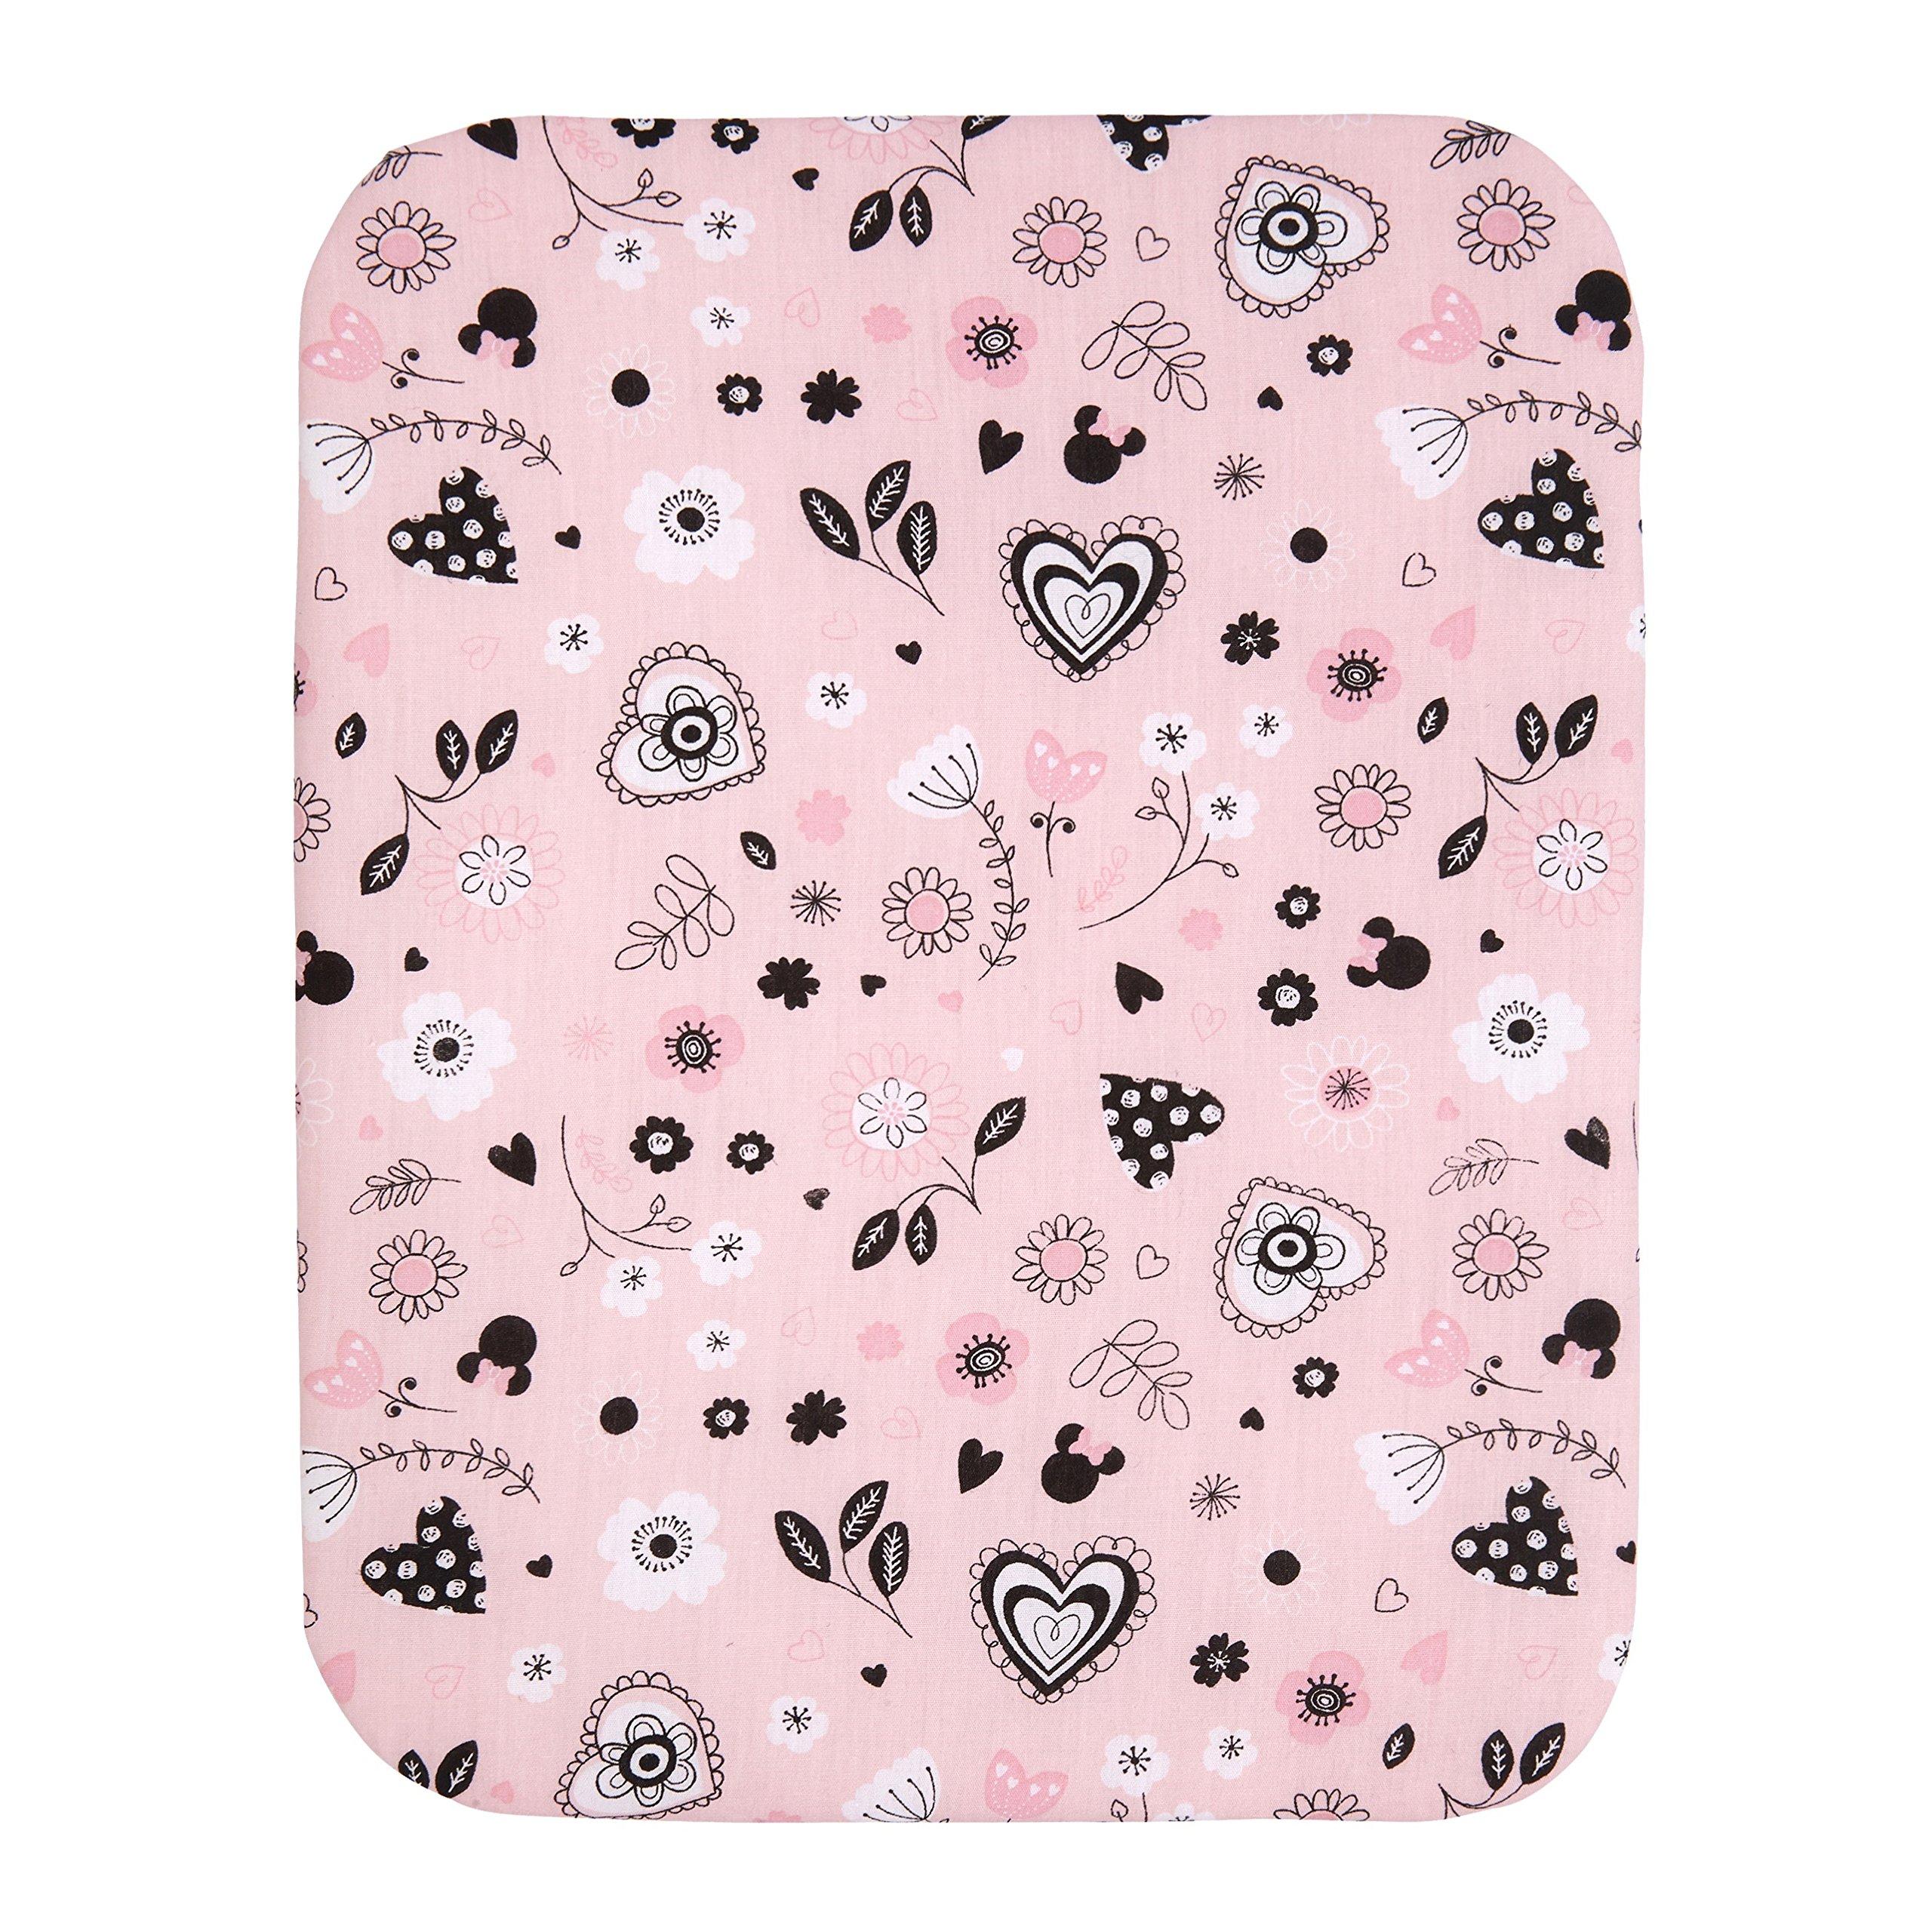 Disney Minnie Mouse Hello Gorgeous 3-Piece Crib Bedding Set, Pink/Black/White